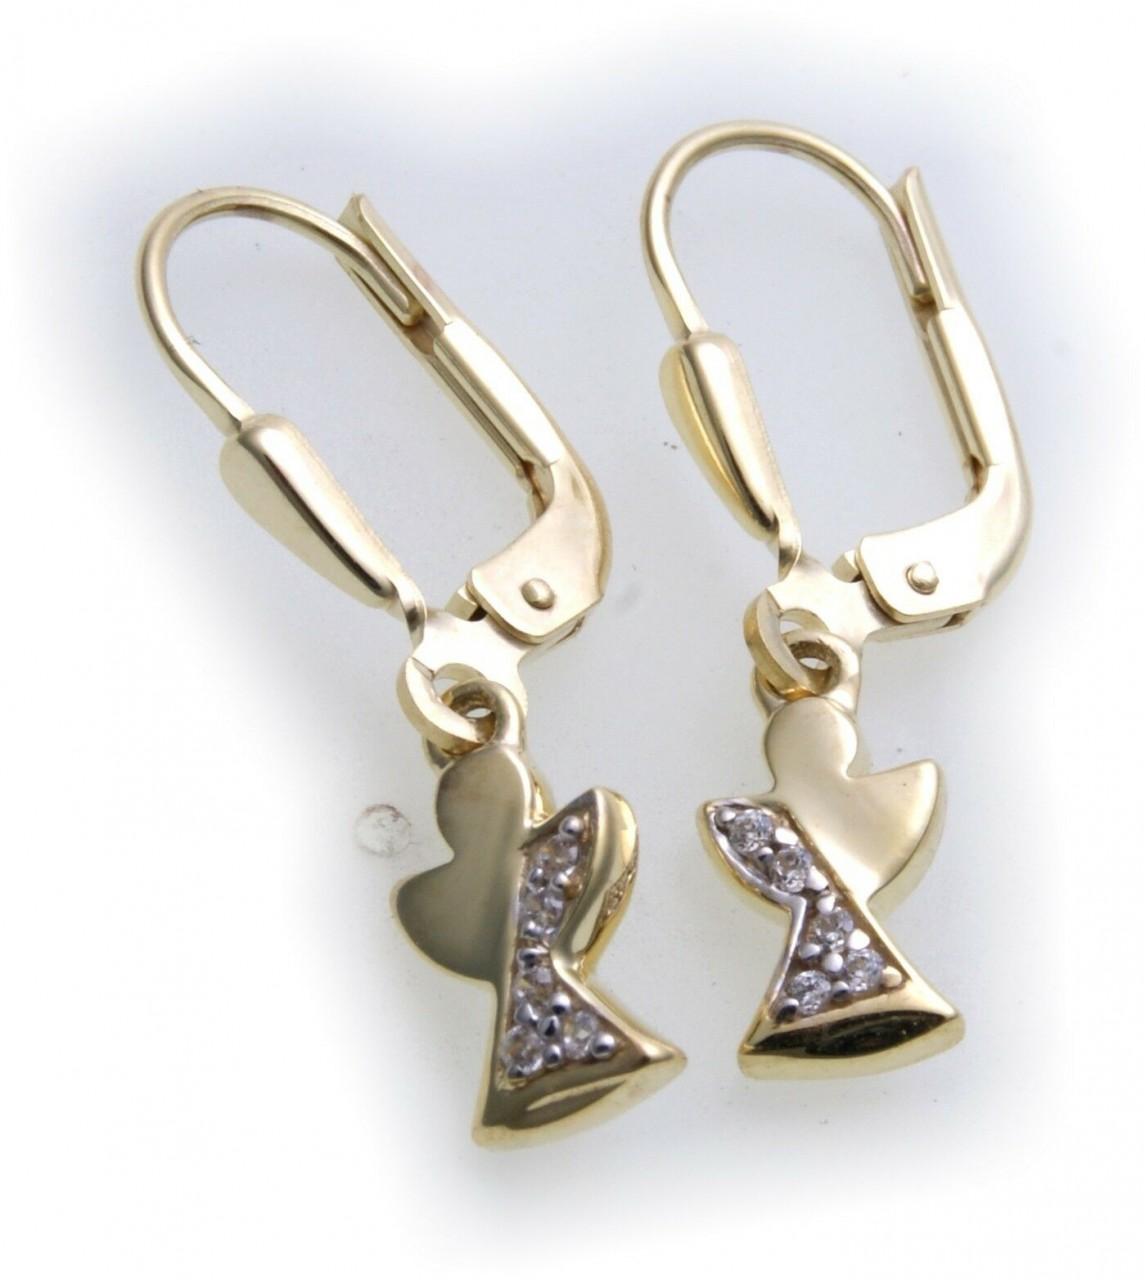 Damen Ohrringe Hänger Engel echt Gold 333 Schutzengel Ohrhänger 8kt Gelbgold